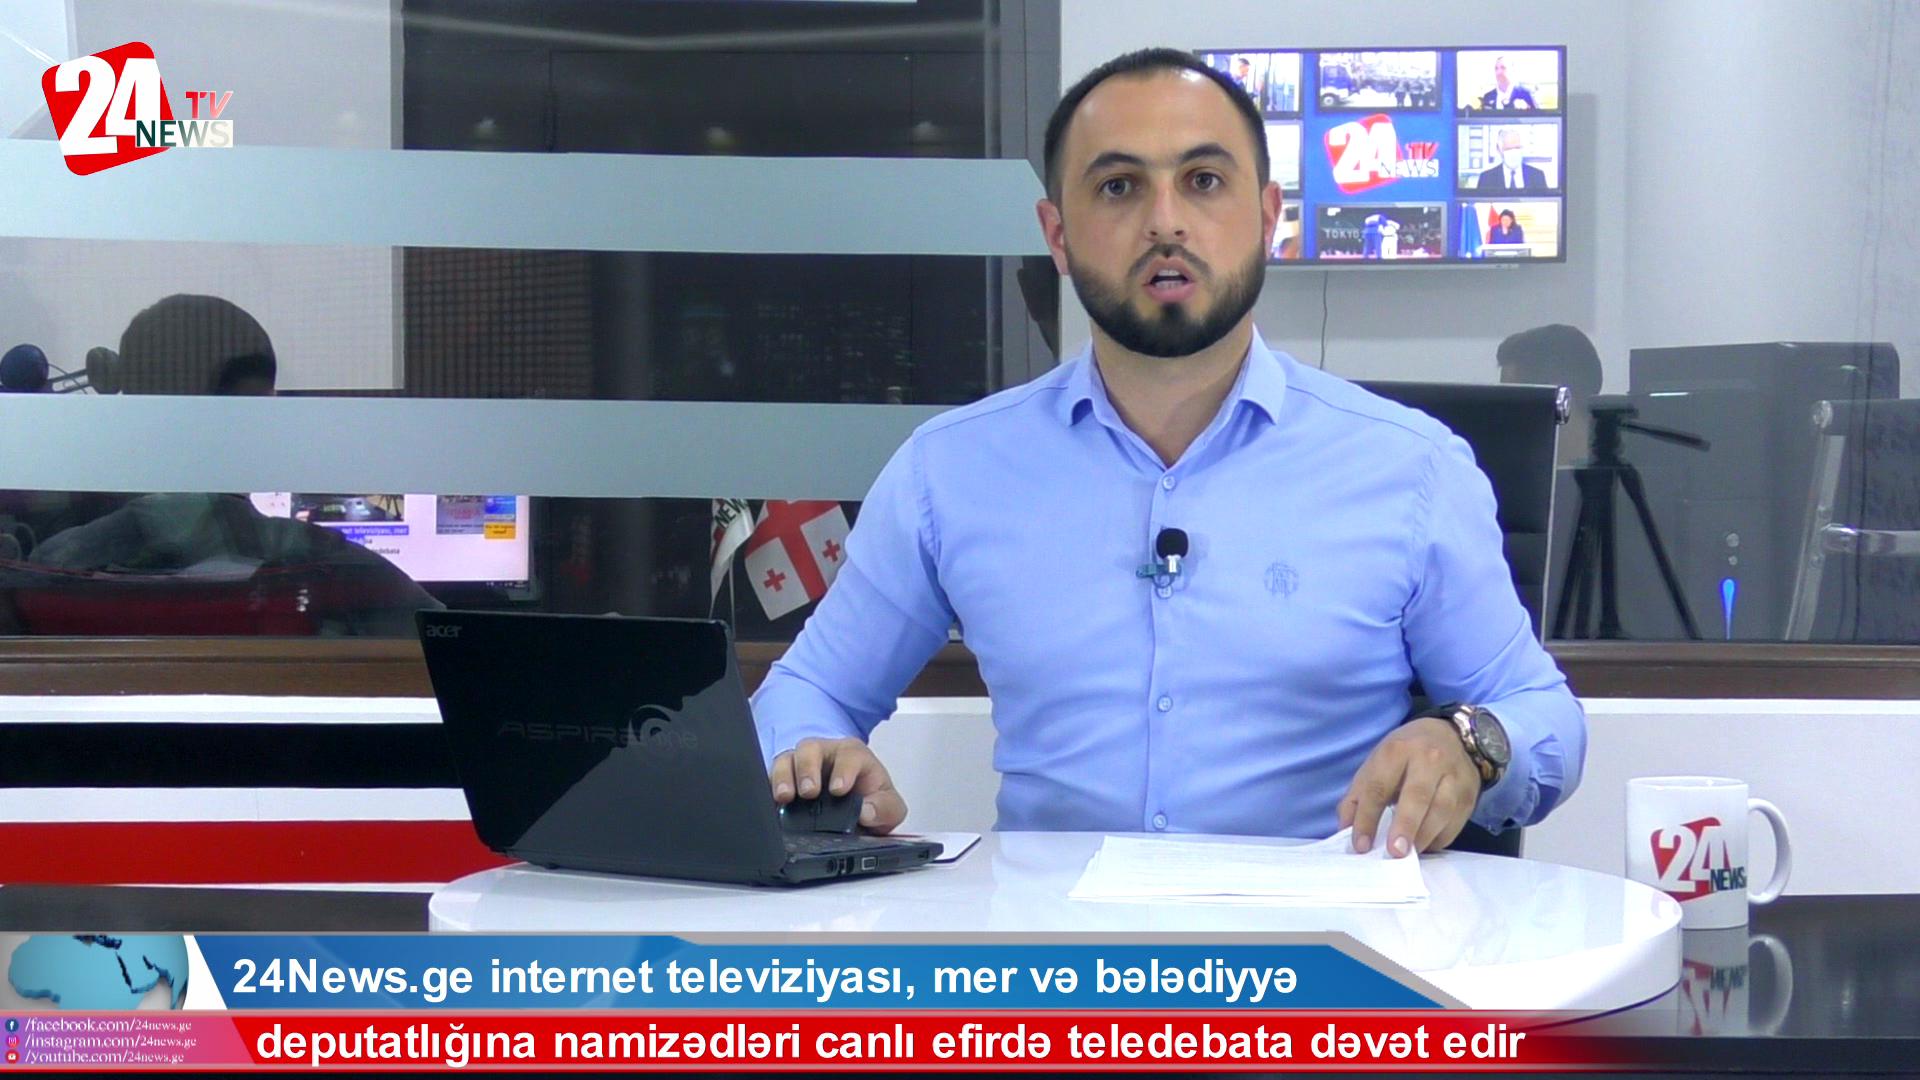 24News Tv-də Xəbər Vaxtı (14.09.2021) - (VİDEO)